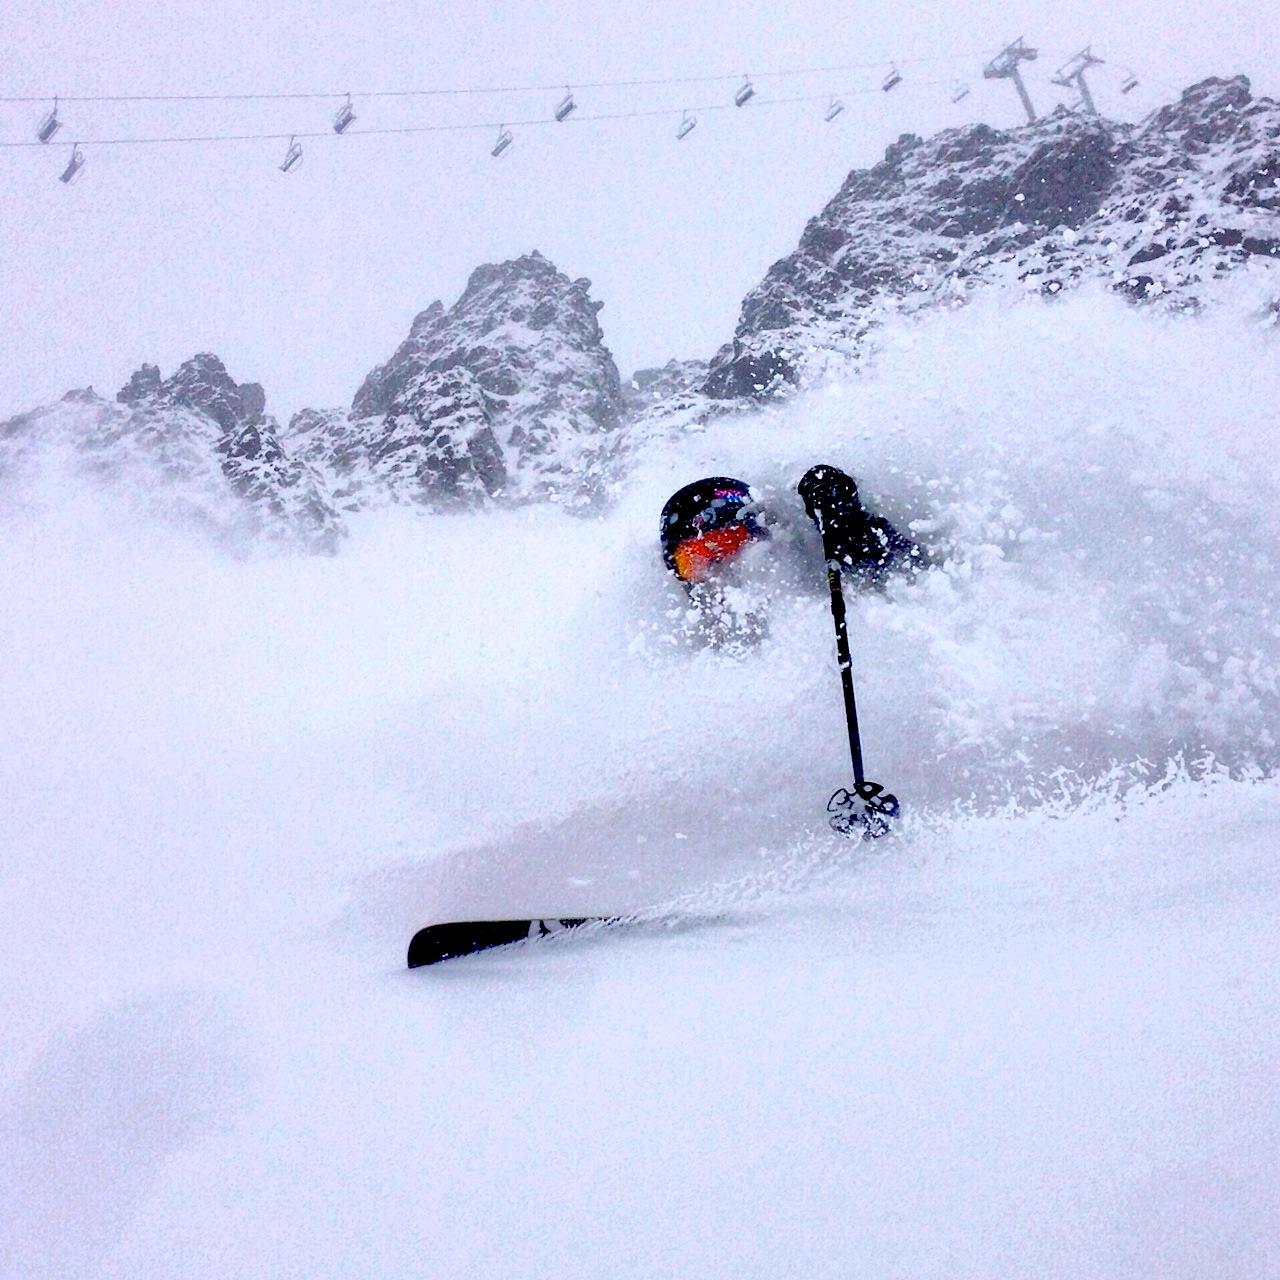 ski buying